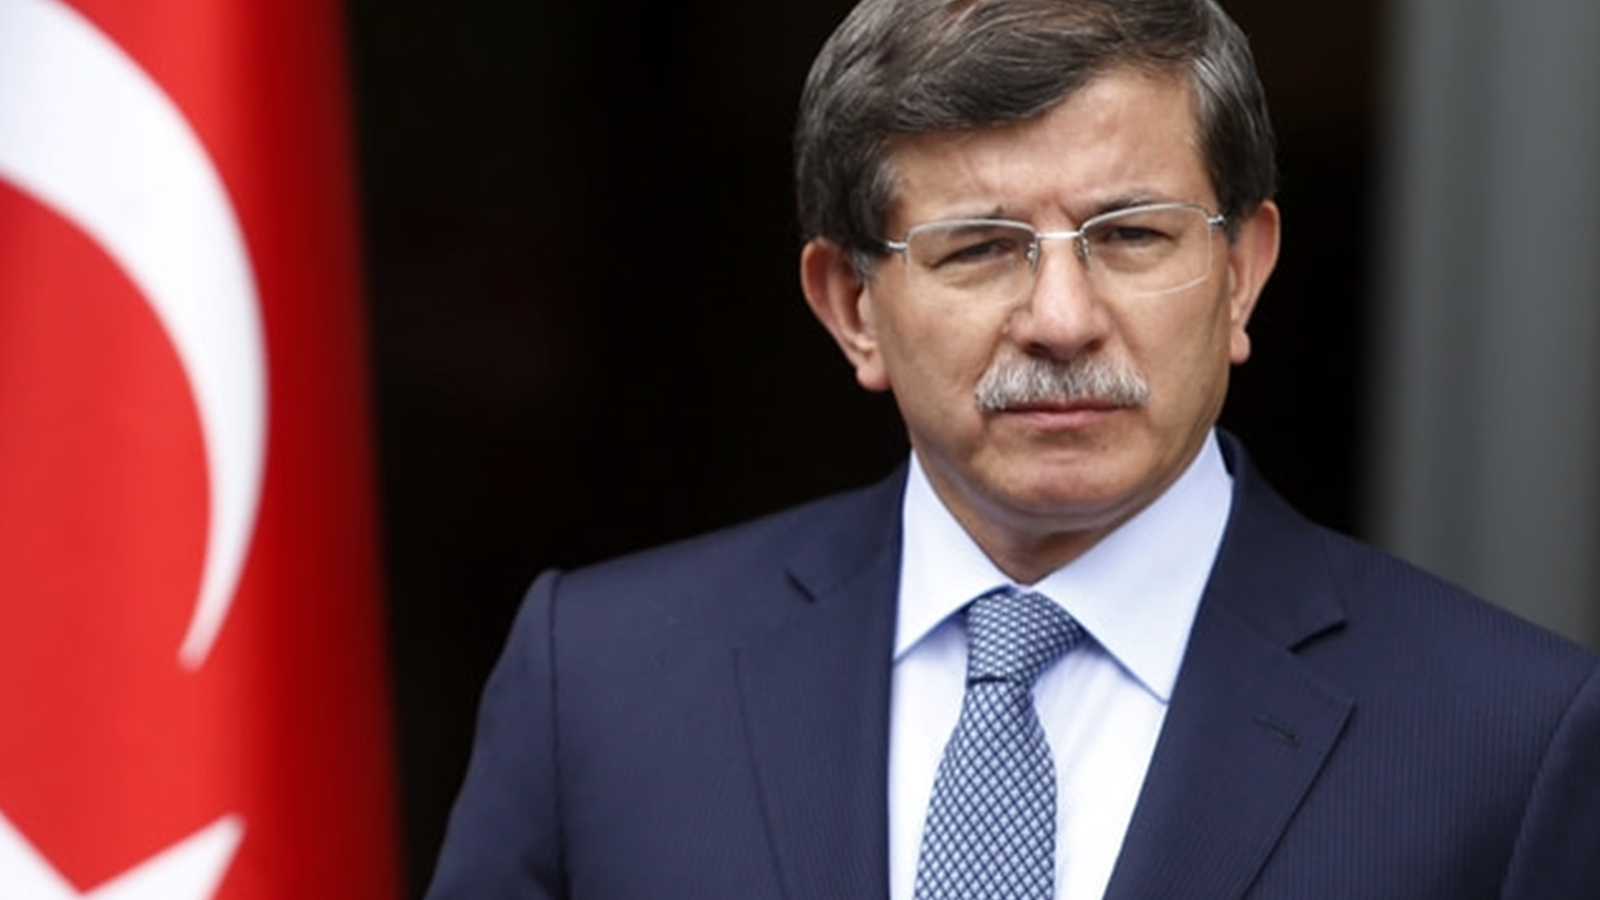 """Davutoğlu: Erdoğan'ın benden isteği """"Başbakan gibi görün ama başbakan gibi olma"""" idi"""